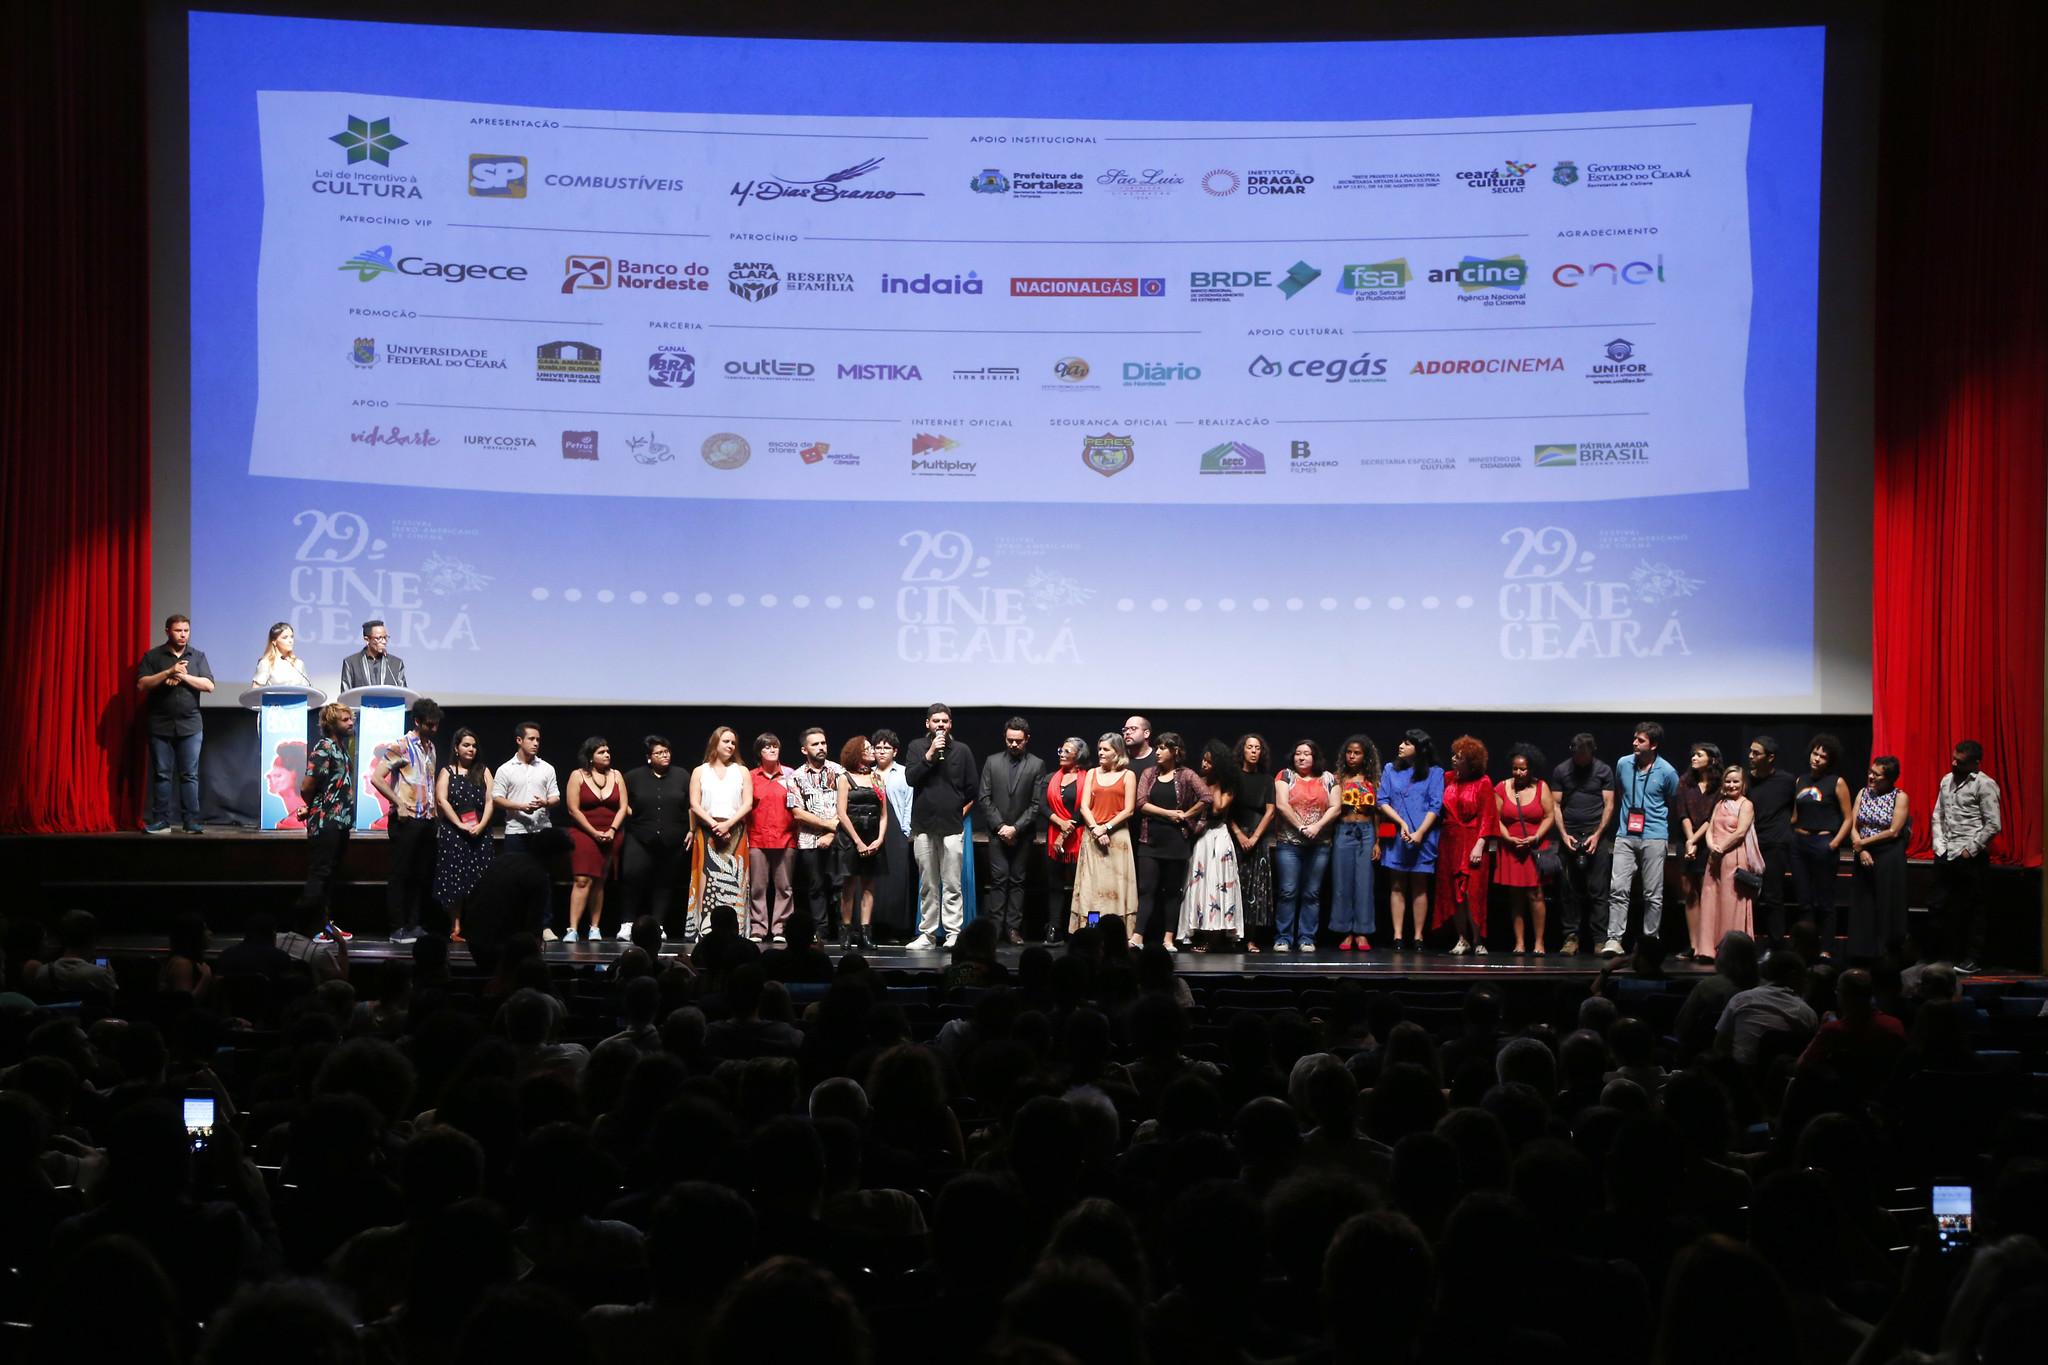 Premiados Cine Ceará em 2019 (Foto Chico Gadelha/Divulgação)